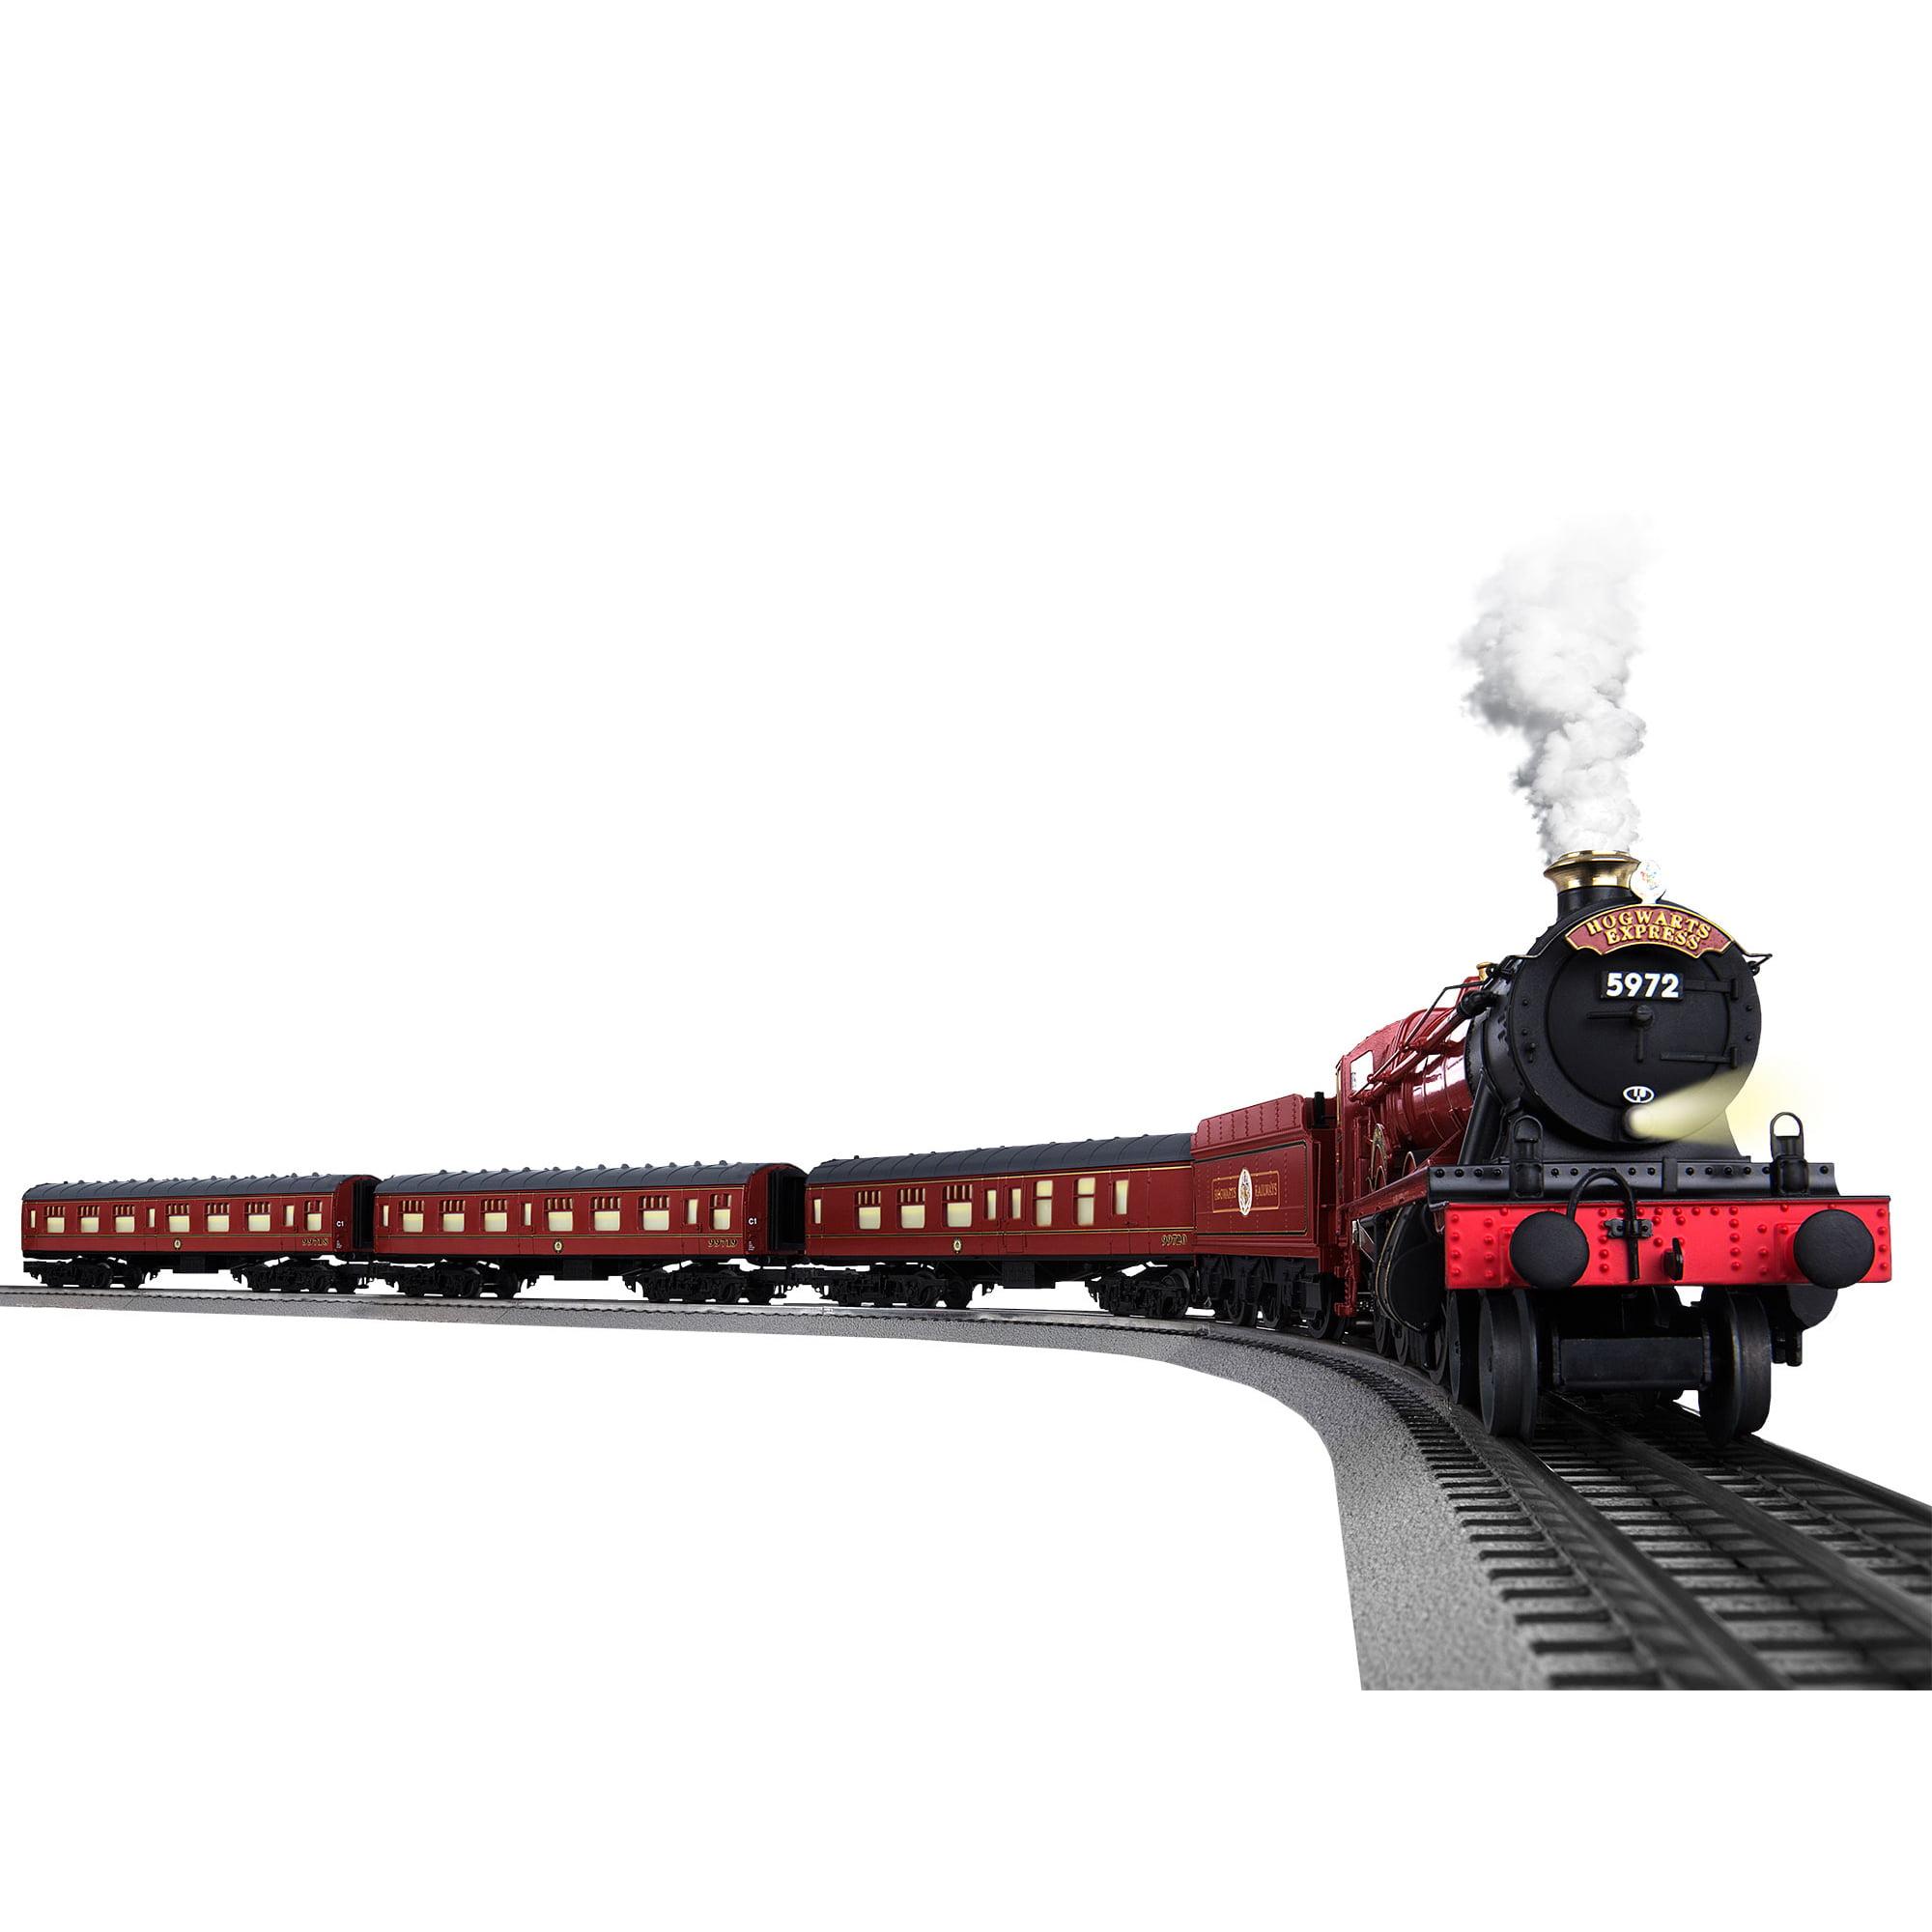 Lionel Trains Hogwarts Express Seasonal LionChief Ready to Run Train Set w BlueTooth by Lionel Trains